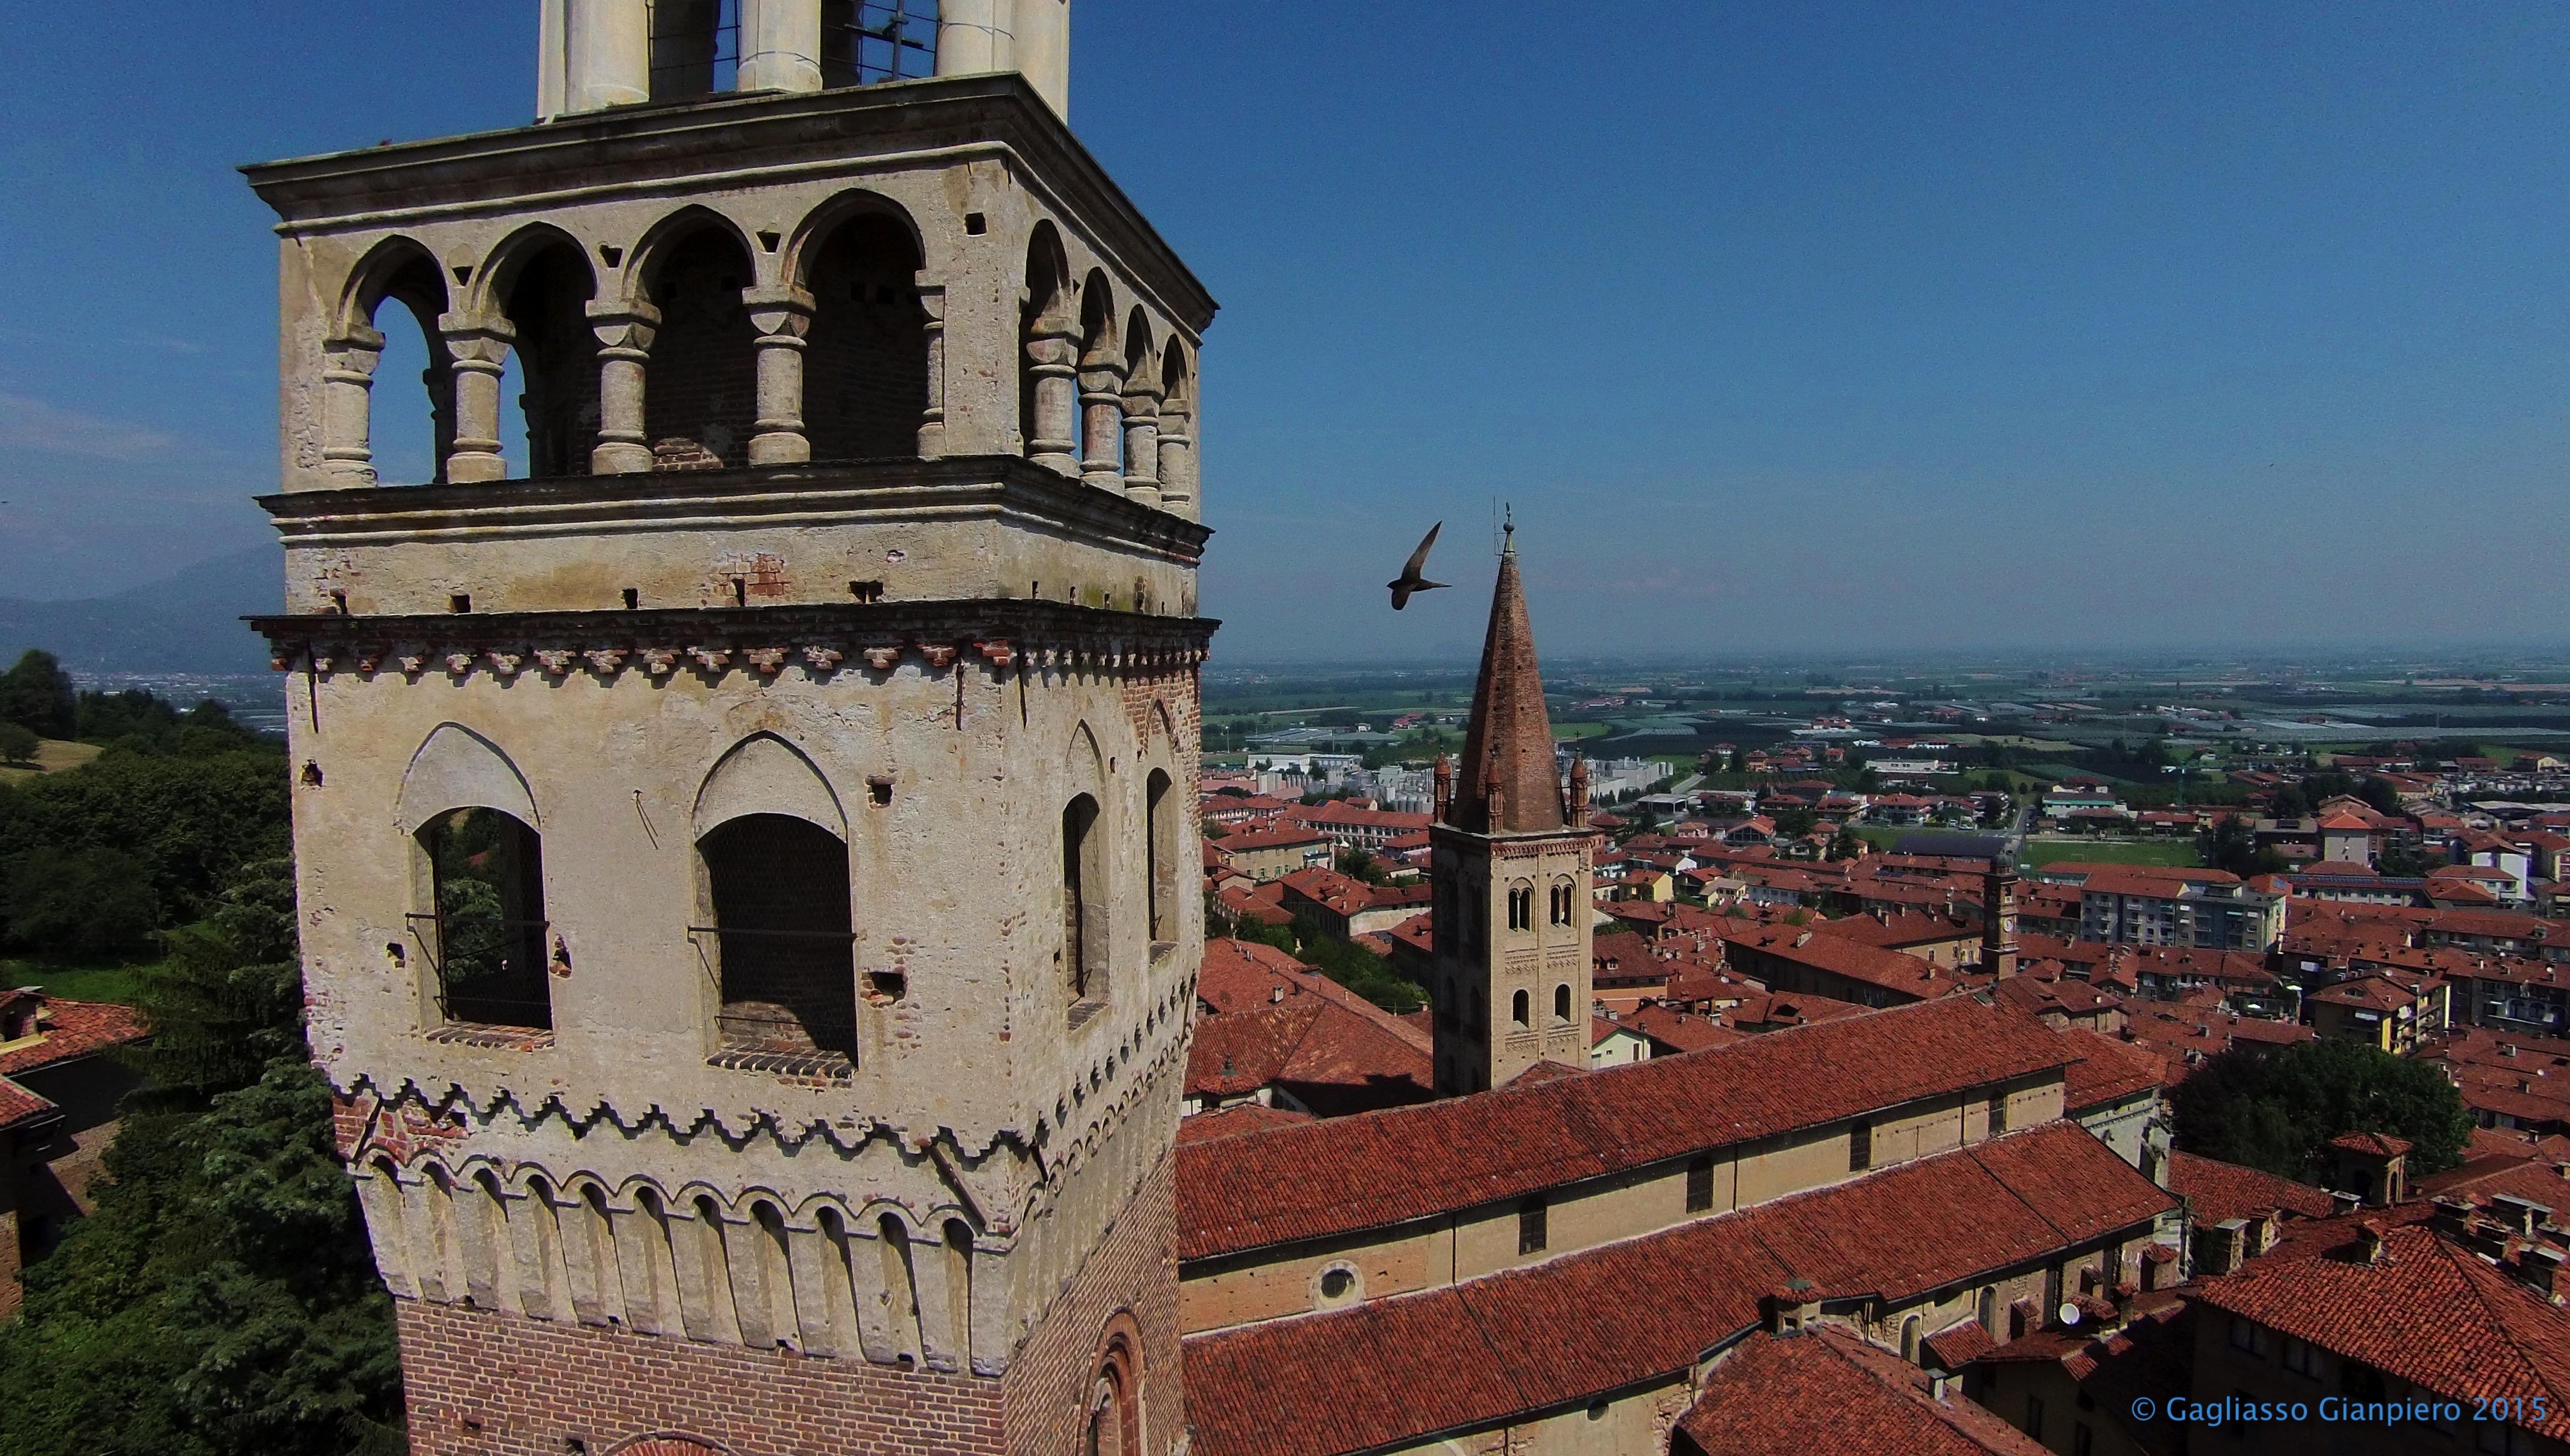 0004_Gianpiero-Gagliasso_L-11-settembre-a-Saluzzo